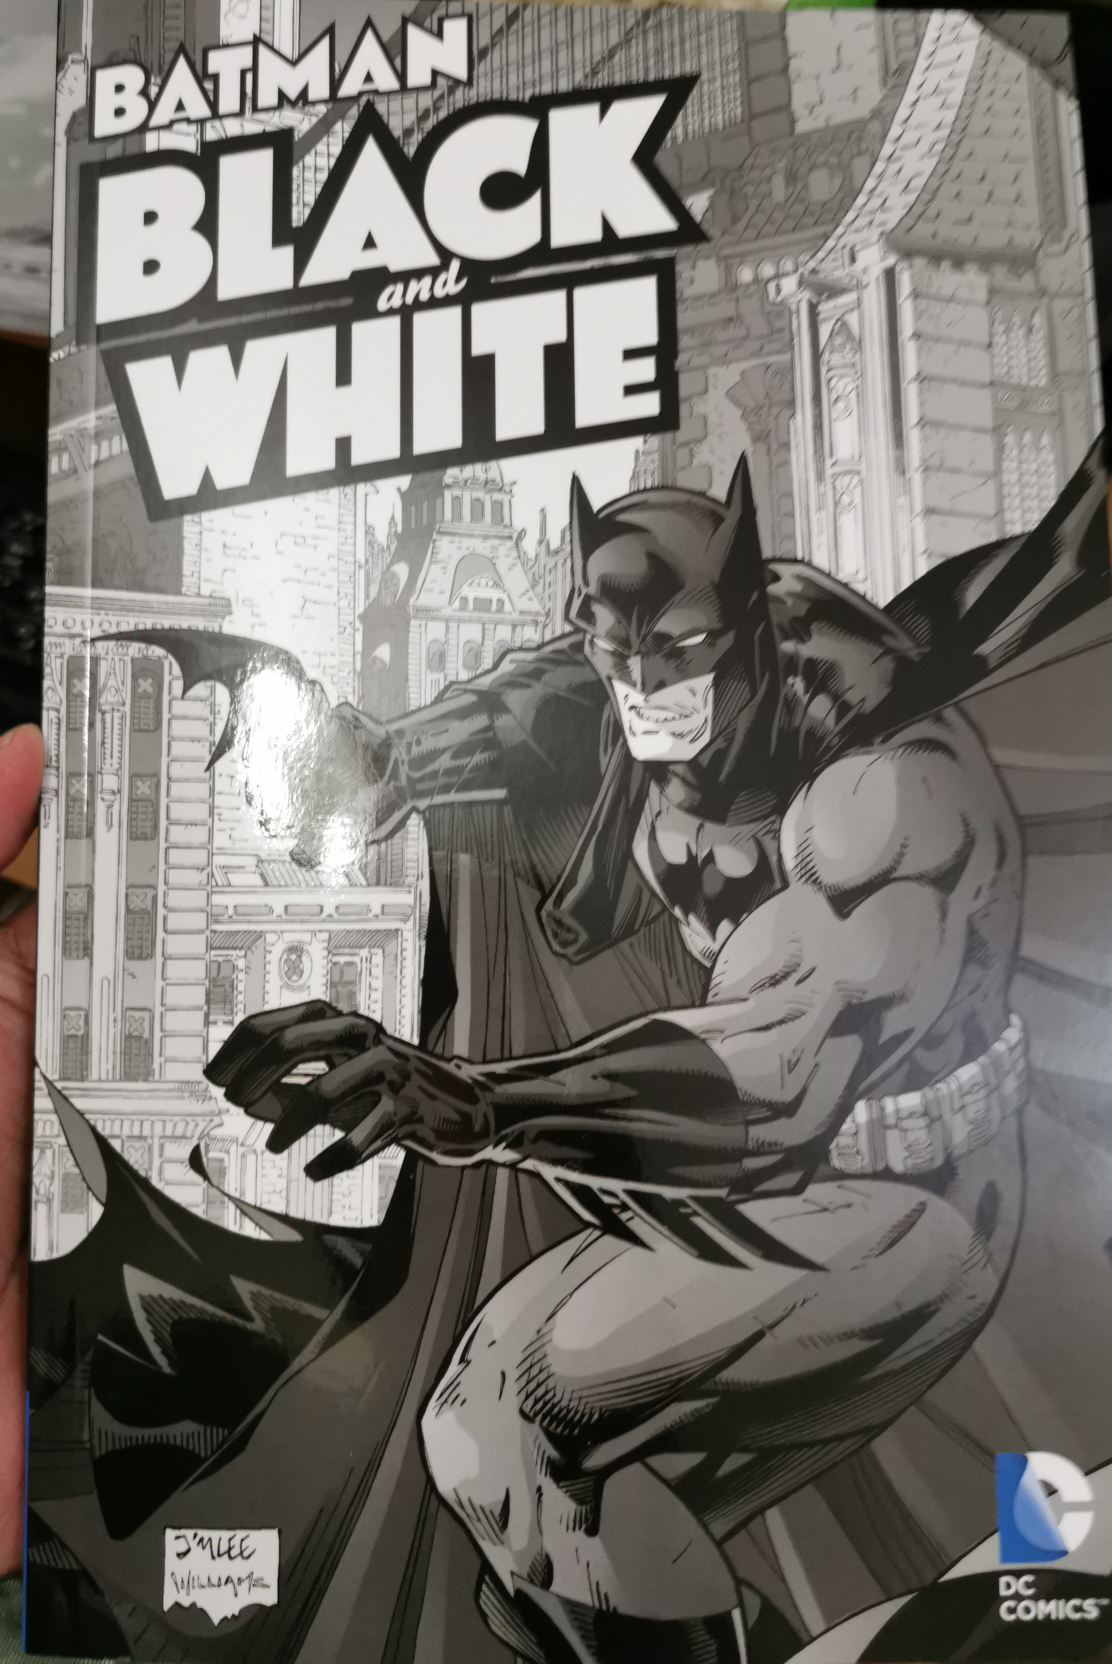 BATMAN black and white volume 1 - 4